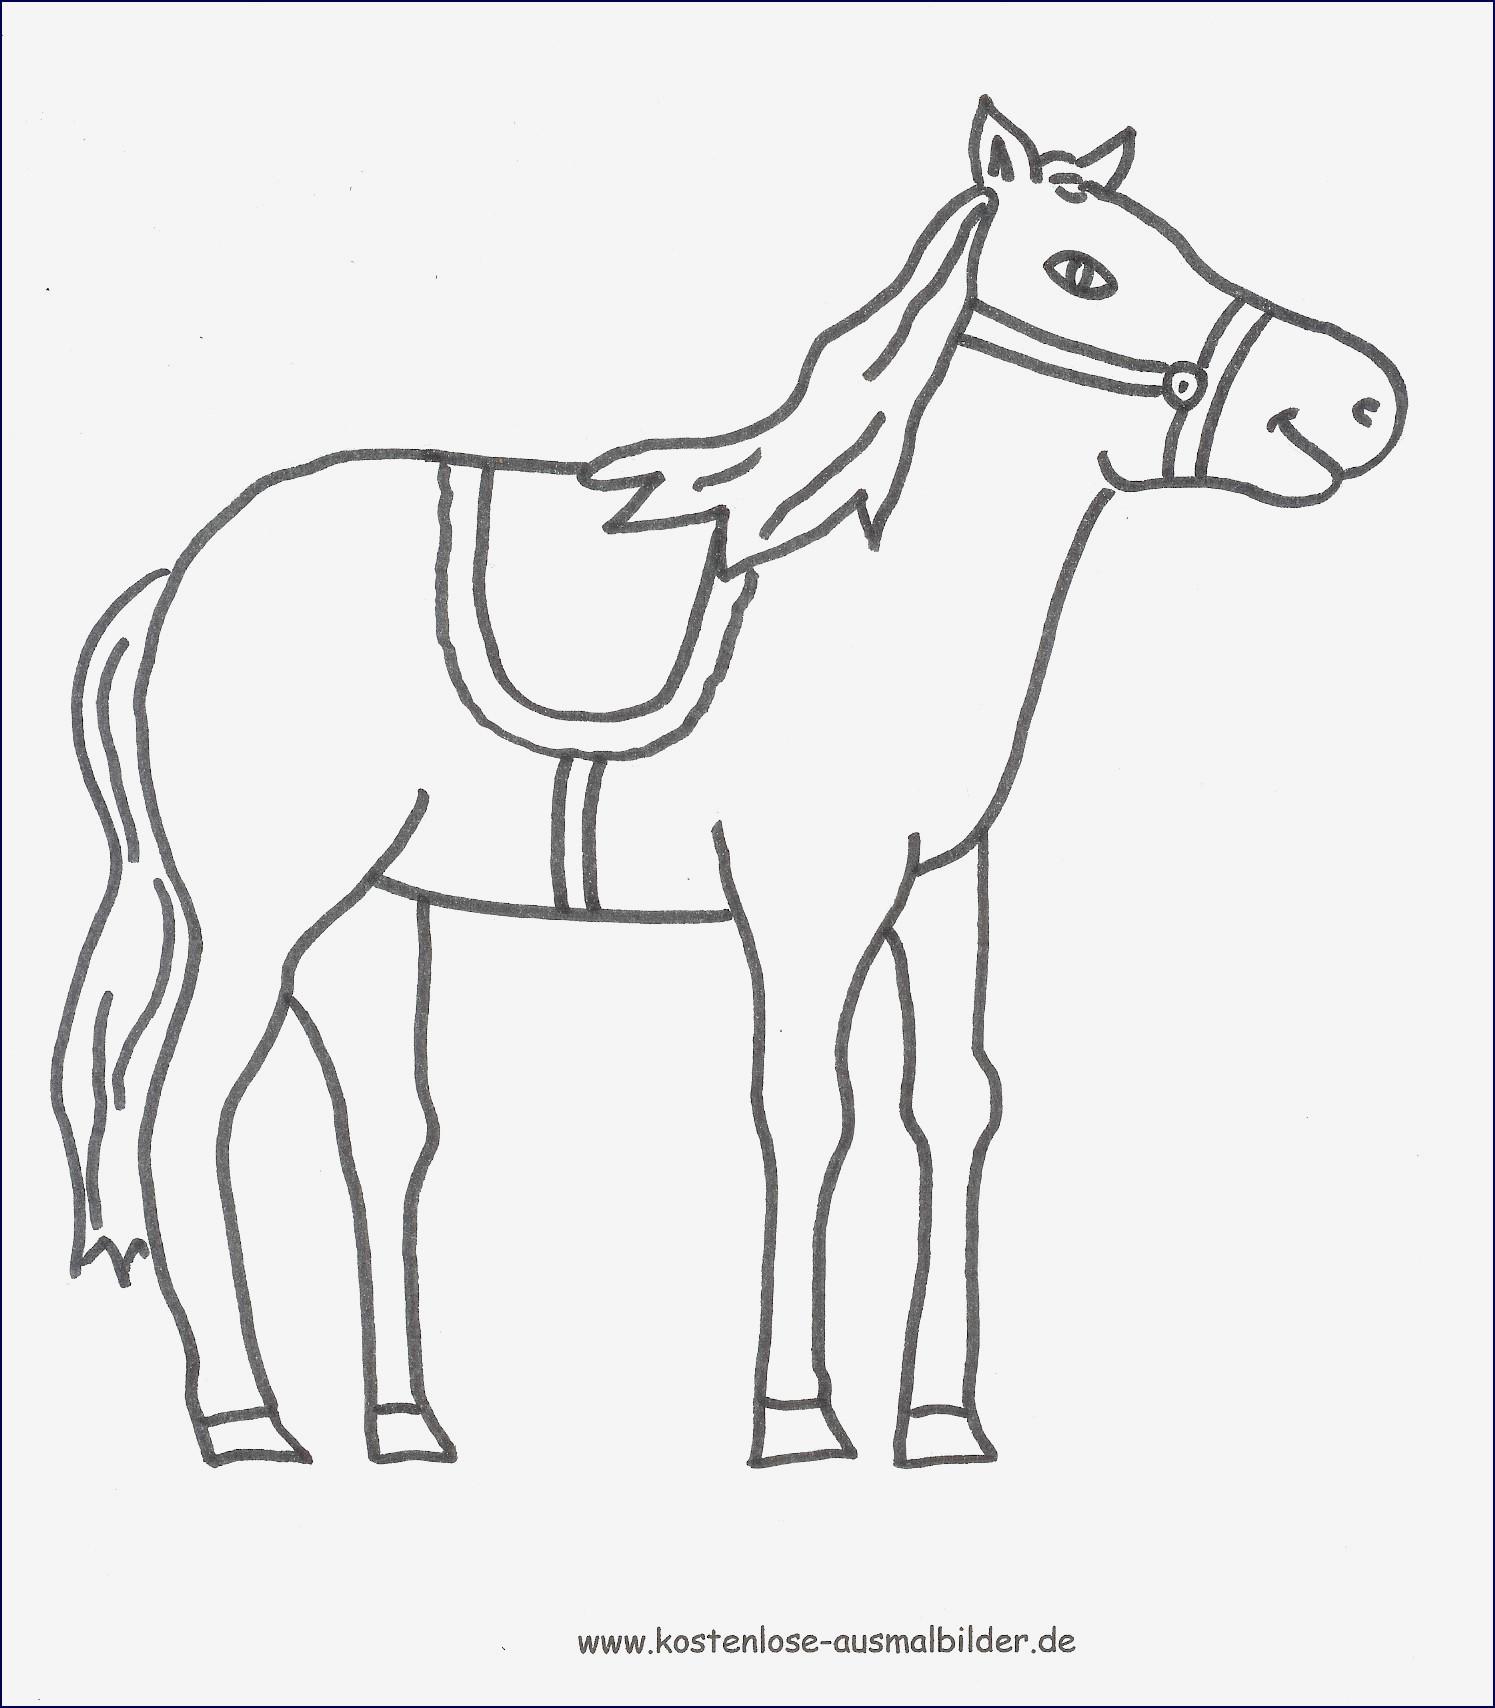 Ausmalbilder Pferde Zum Ausdrucken Kostenlos Das Beste Von Ausmalbilder Pferde Kostenlos Zum Ausdrucken Inspirierend Das Bild